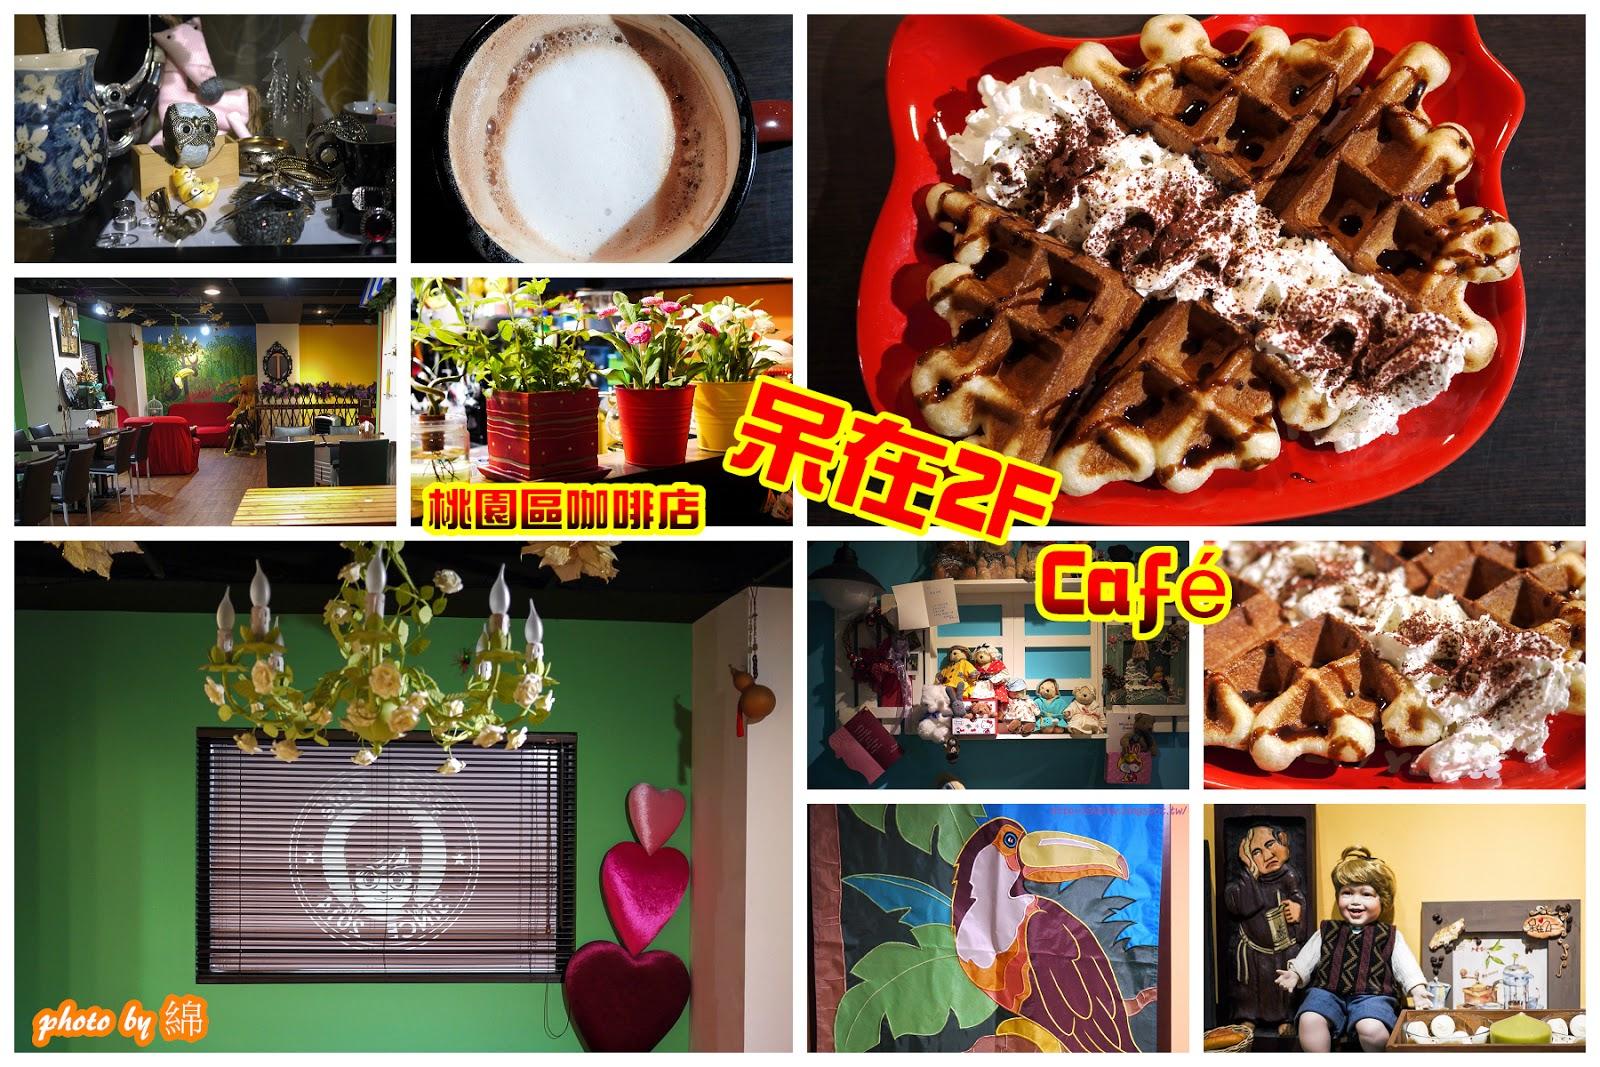 【桃園咖啡】呆在2F Café-波堤口感鬆餅cp值高